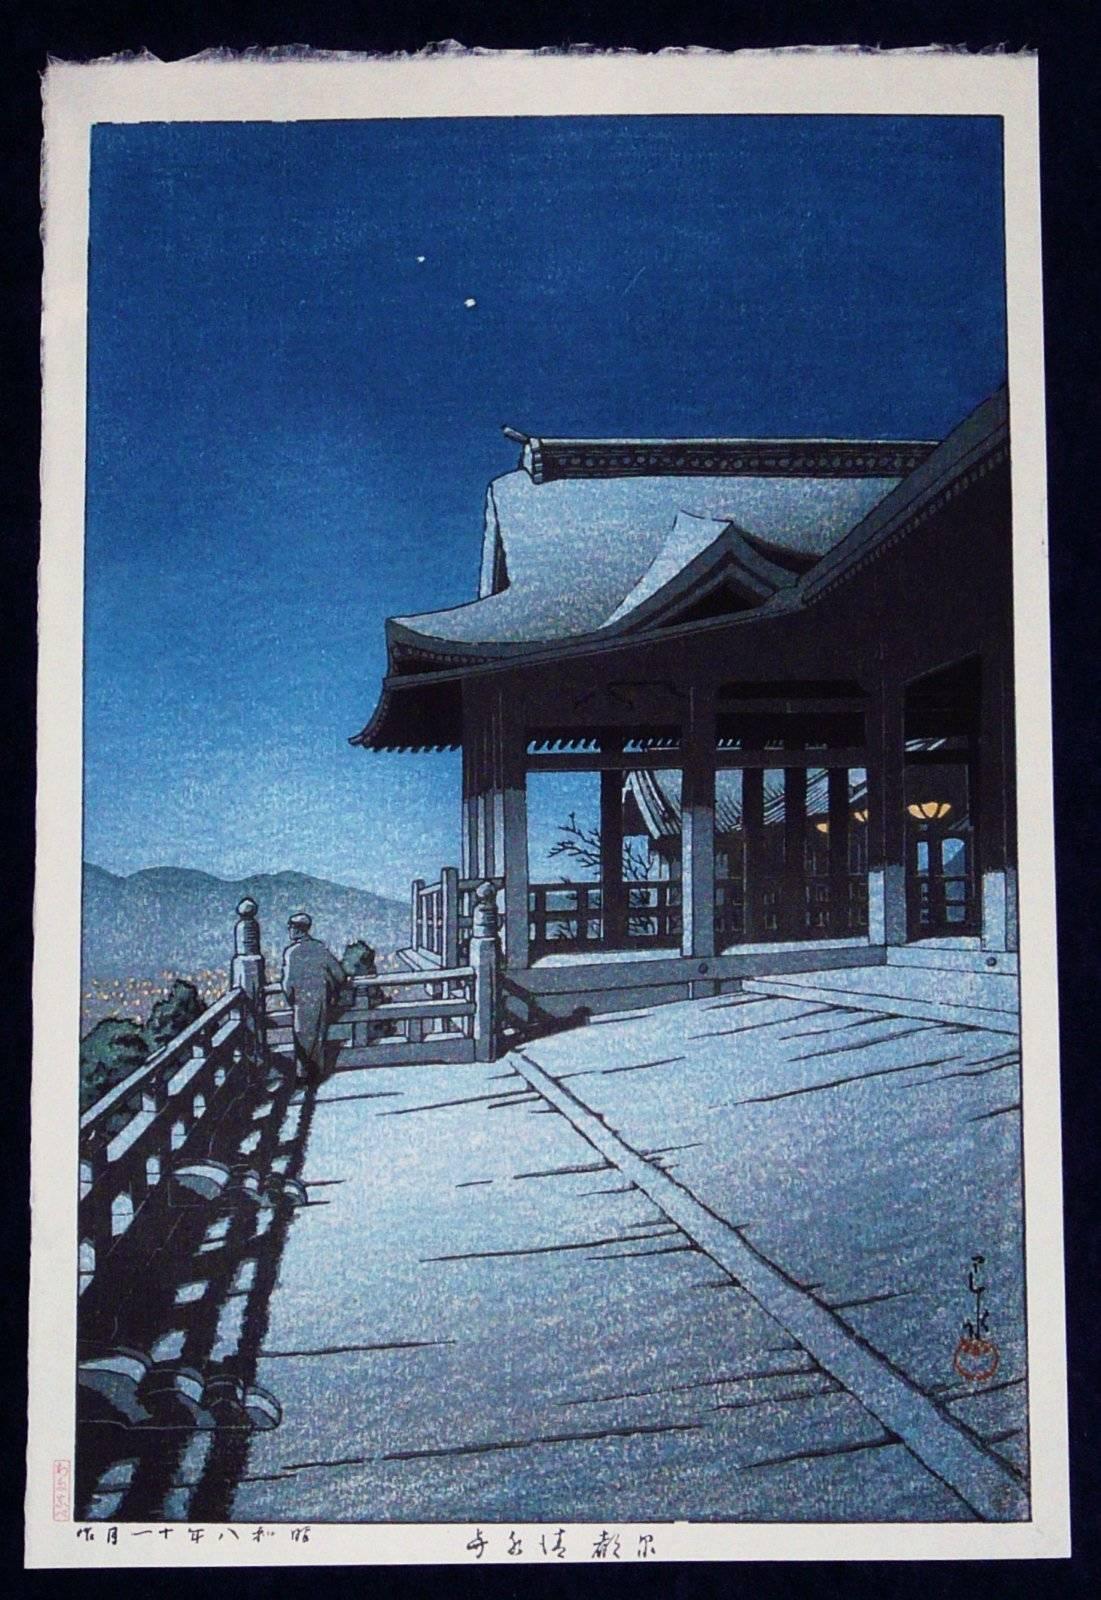 KAWASE HASUI: #P3752 SELF PORTRAIT AT KIYOMIZU TEMPLE, KYOTO